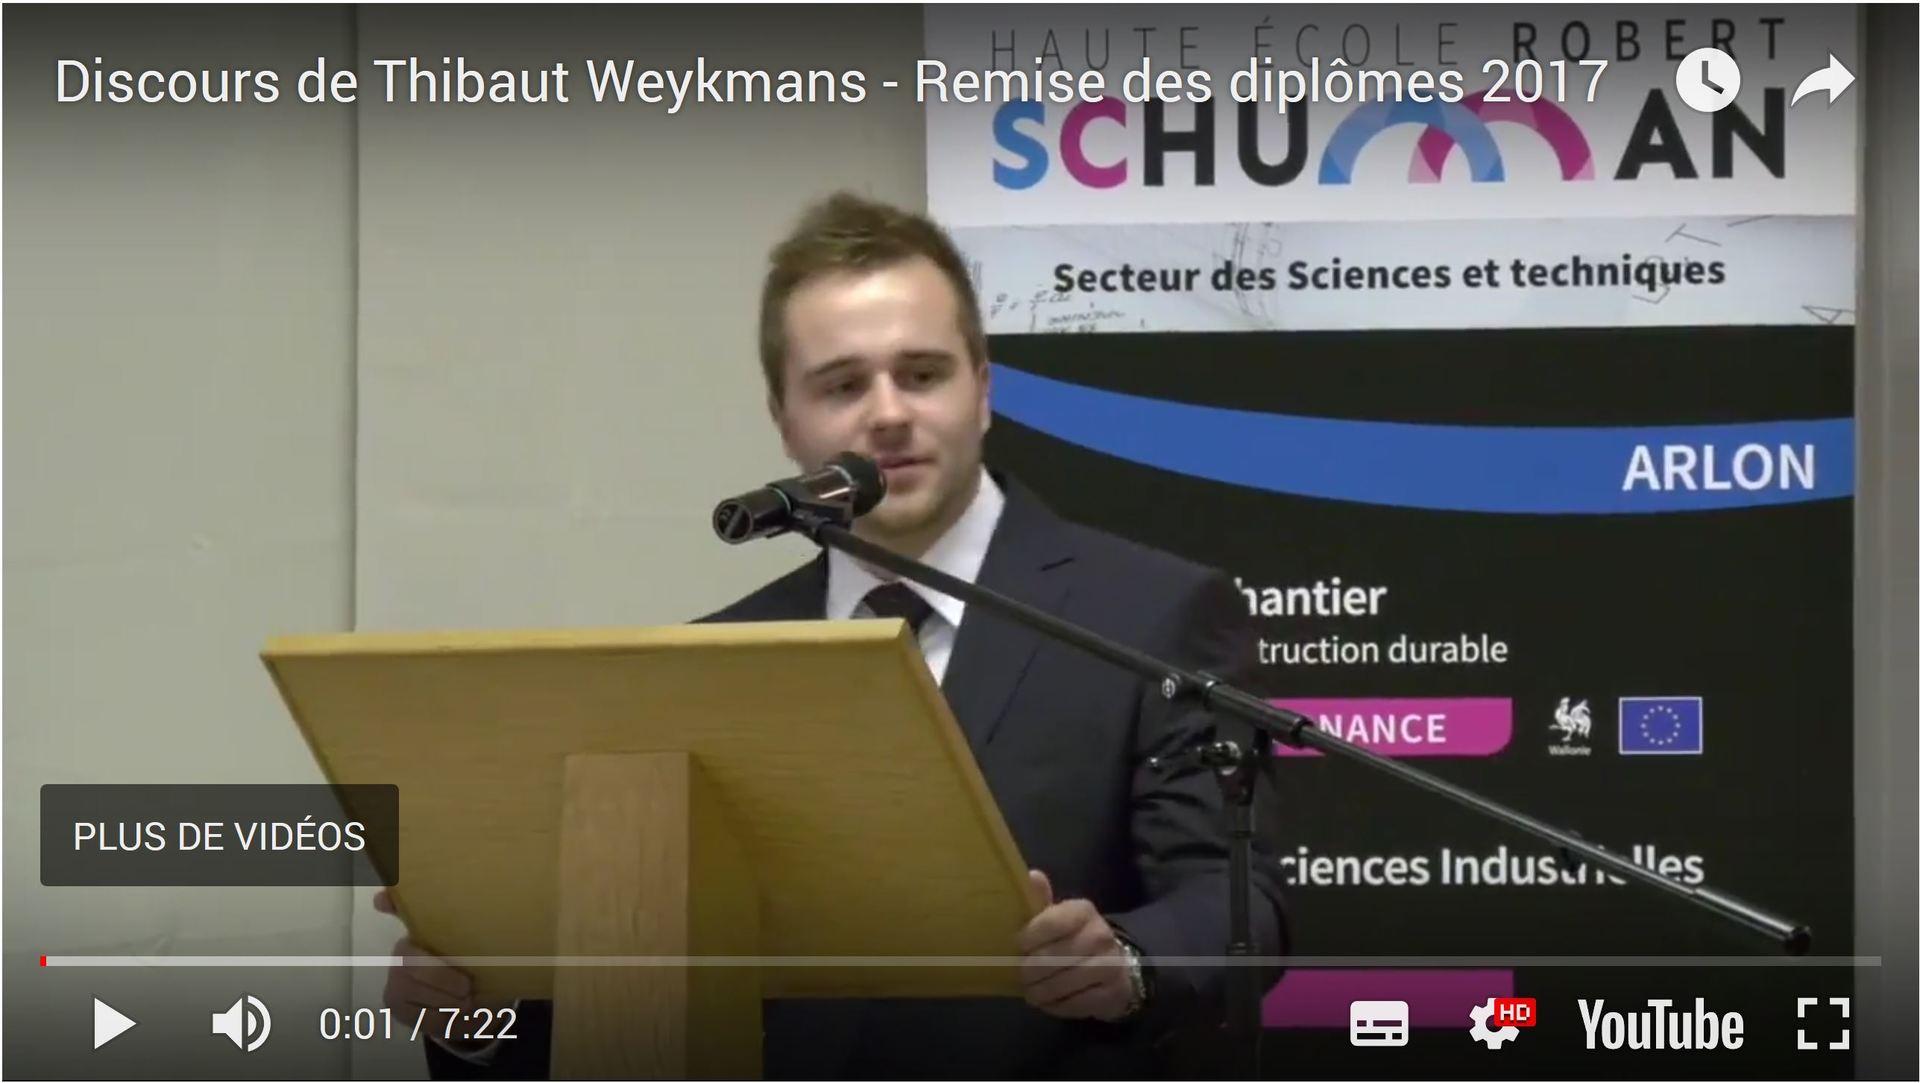 thibaut-weyckmans-hers-ingenieur-industriel-arlon.jpg